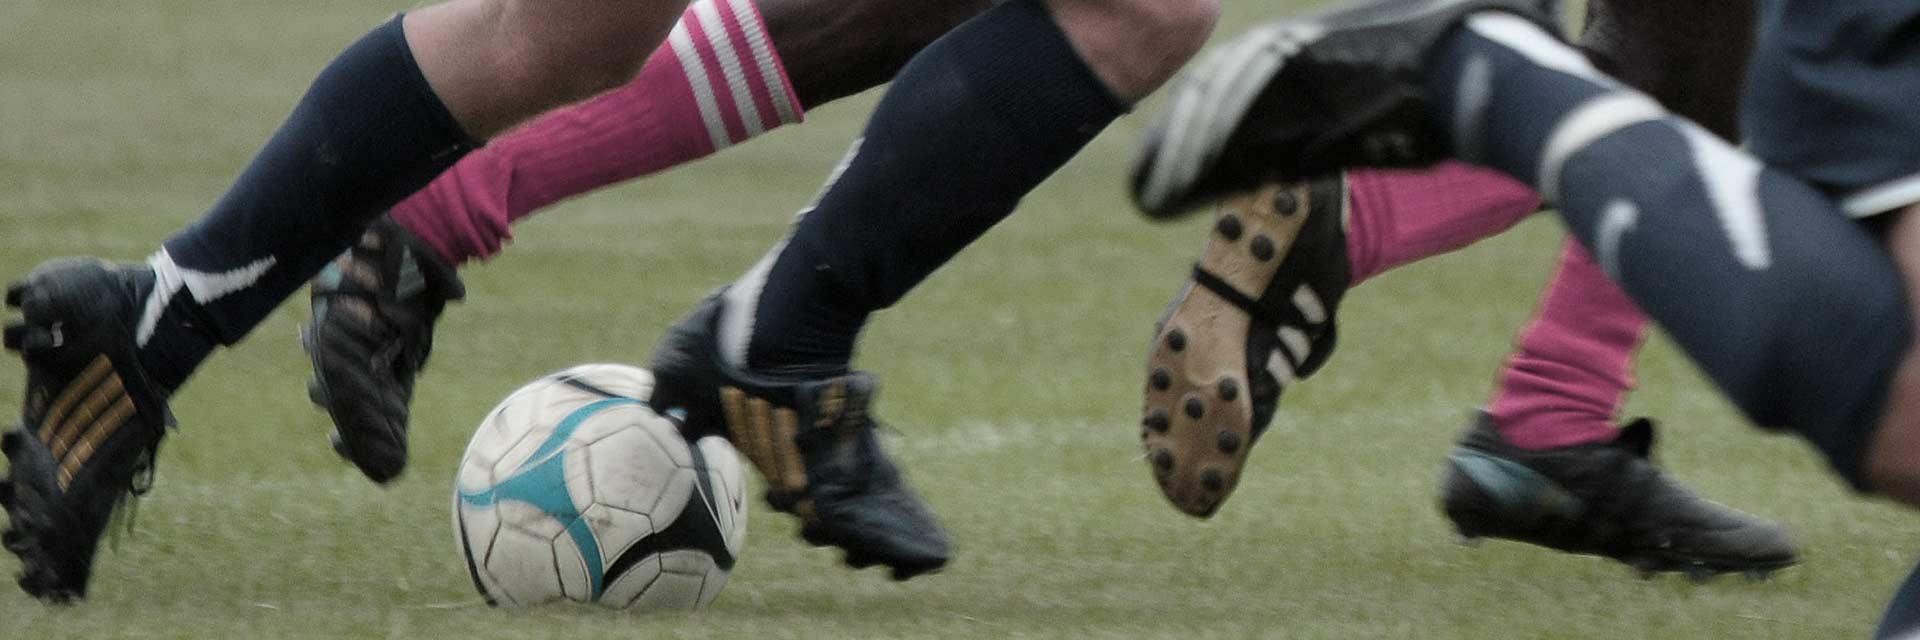 Markenbildung Fußball Bundesliga